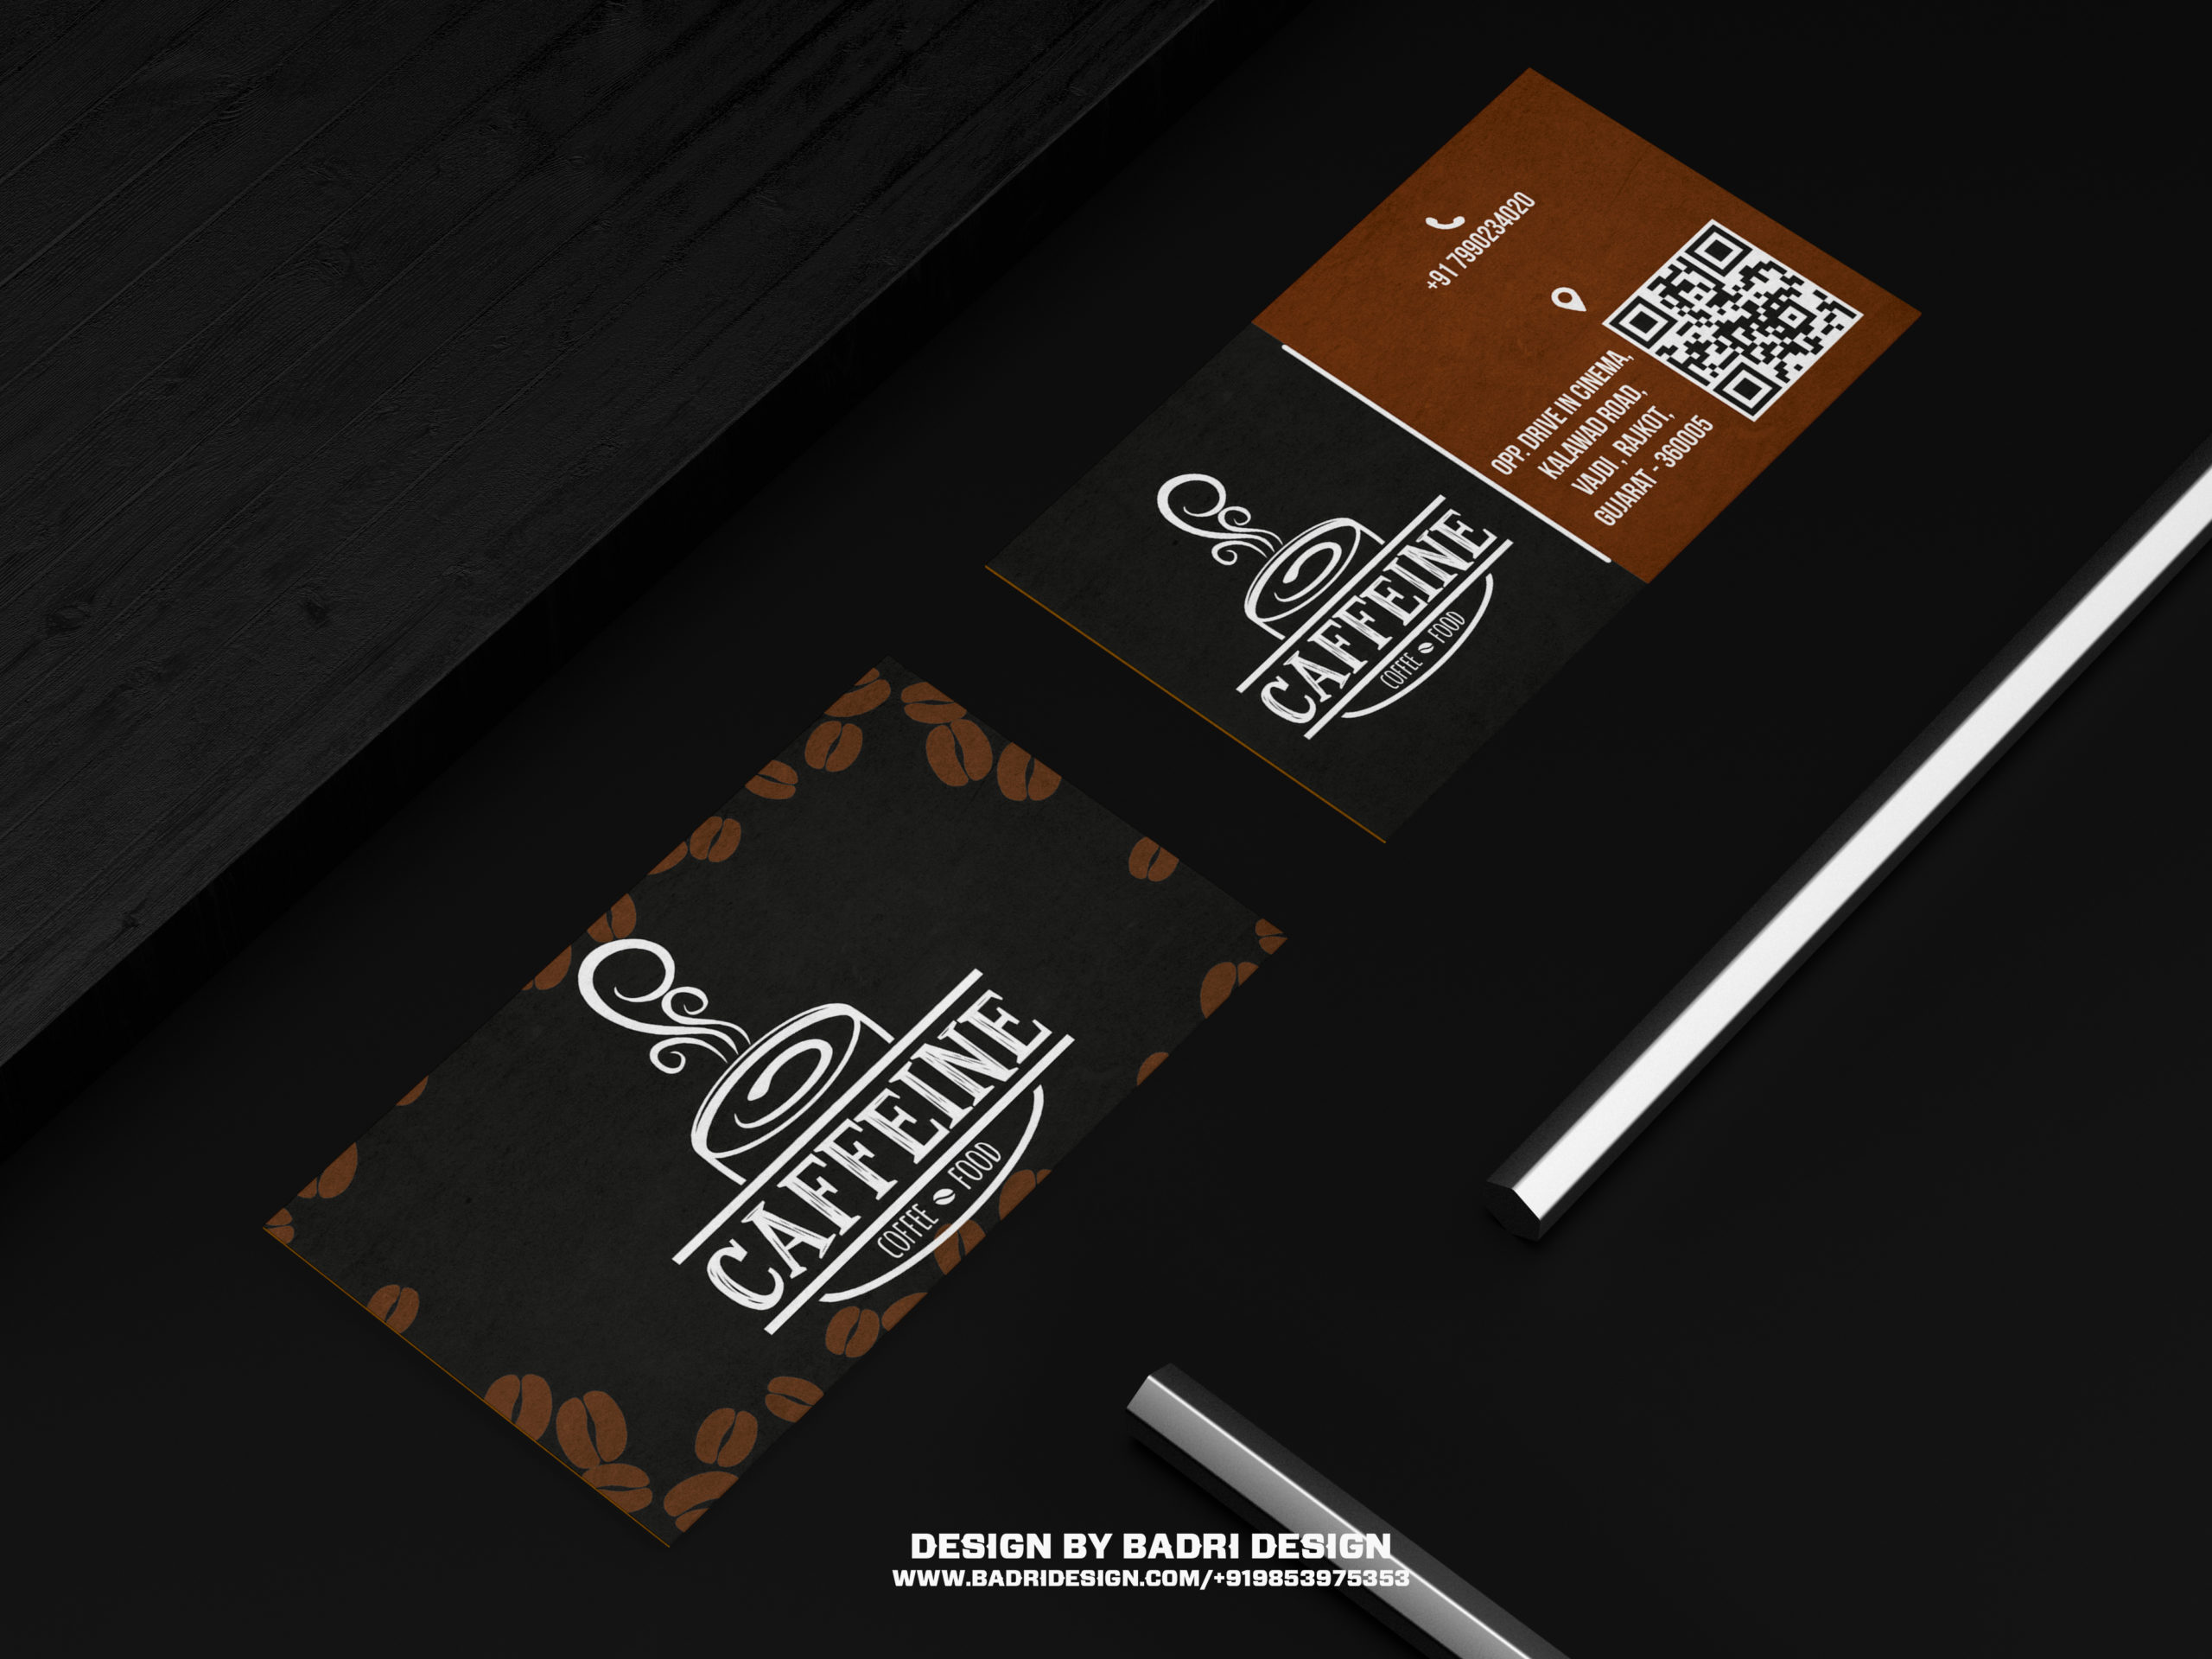 Caffeine and café business card design by Badri design